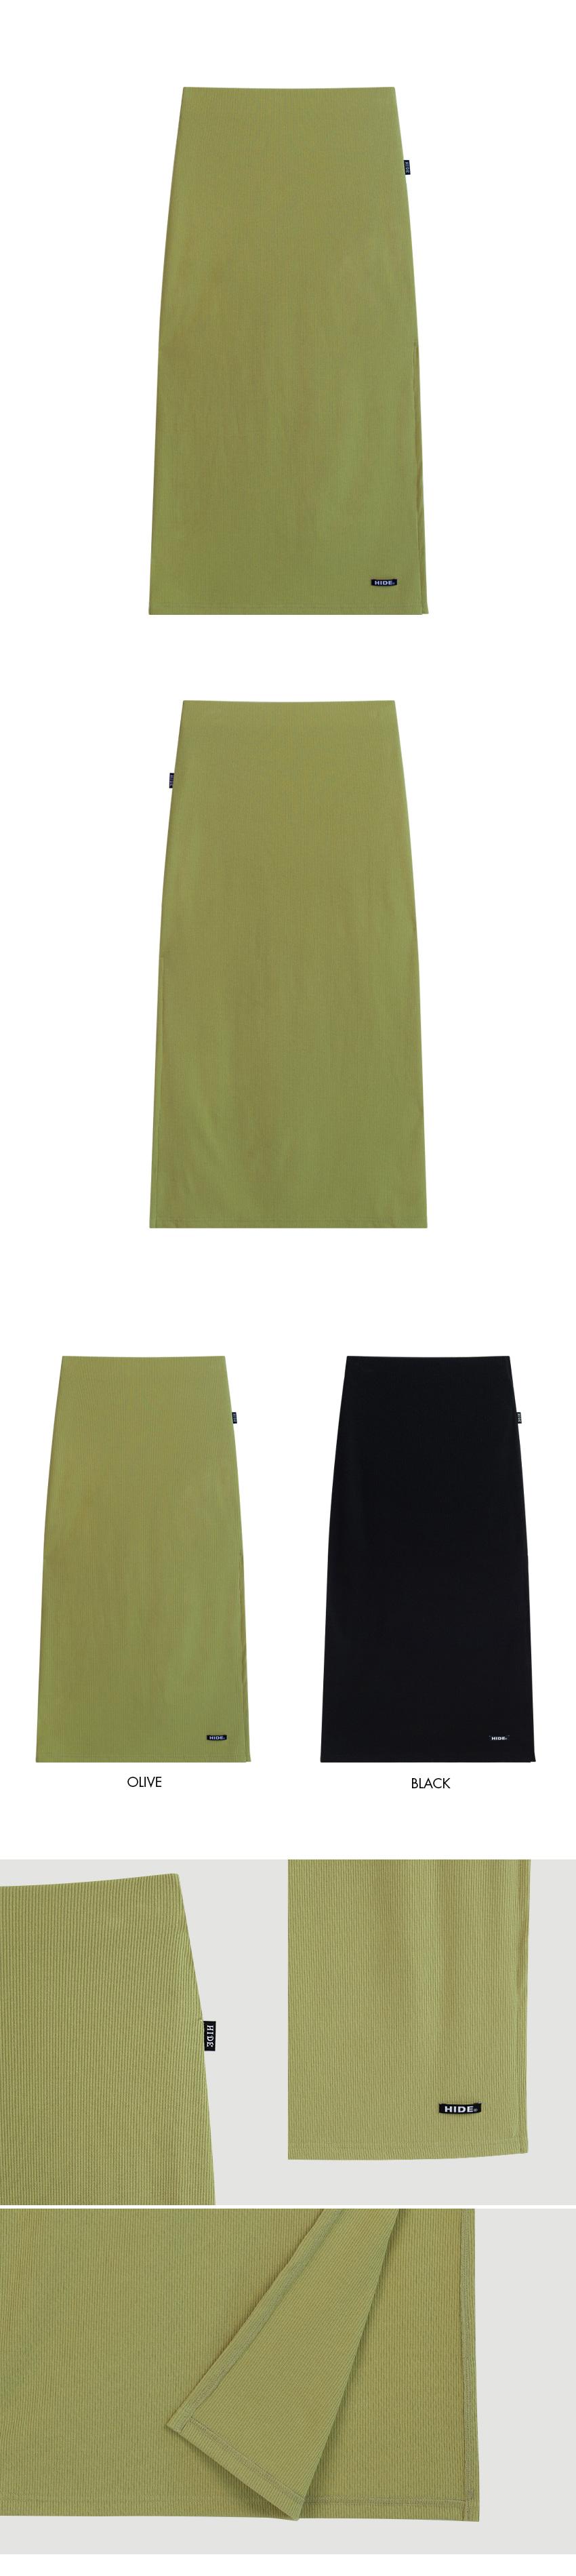 HIDE Chain Crop Top HIDE Slit Band Long Skirt (Olive)SET